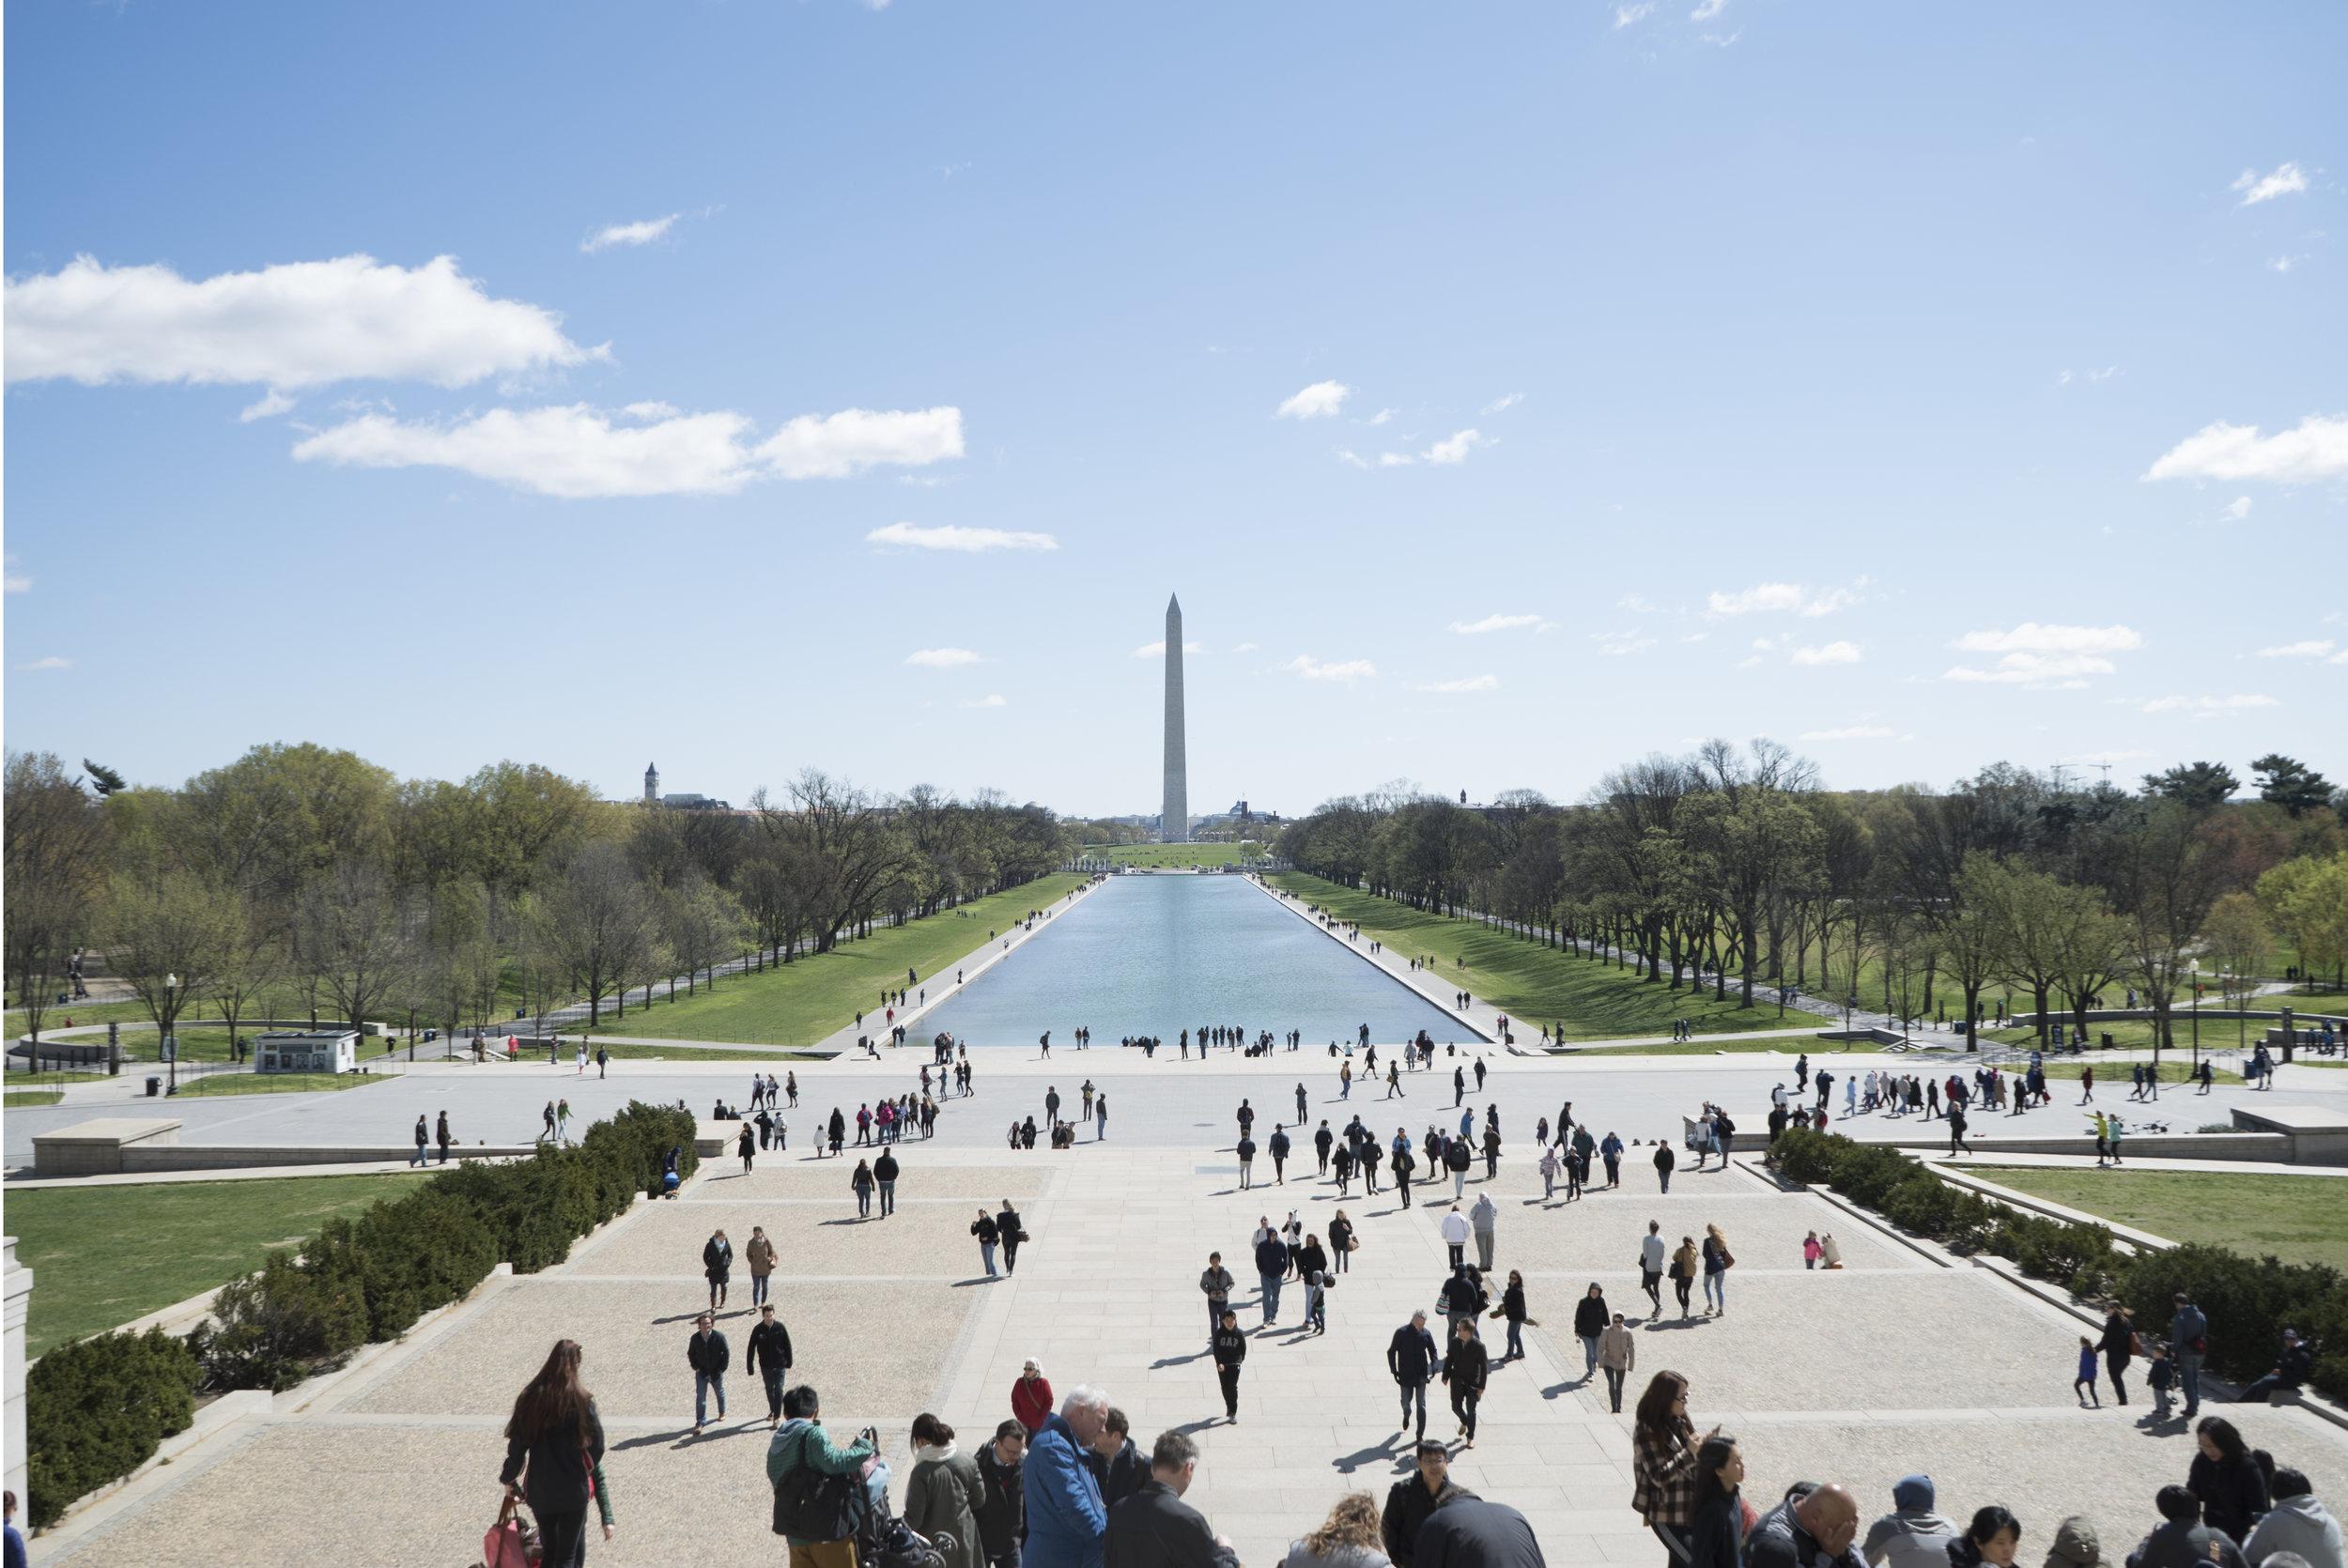 Washington DC - La ciudad bonita, como se le conoce arquitectónicamente a la capital estadounidense, es siempre una excelente opción para escaparse con los amigos. Una ciudad llena de museos, los cuales en su inmensa mayoría son gratuitos, que la posicionan entre una de las mejores ciudades en calidad y diversidad de ofrecimiento cultural de todo Norteamérica. Aunque DC es una ciudad costosa, es más barata que otras como New York.